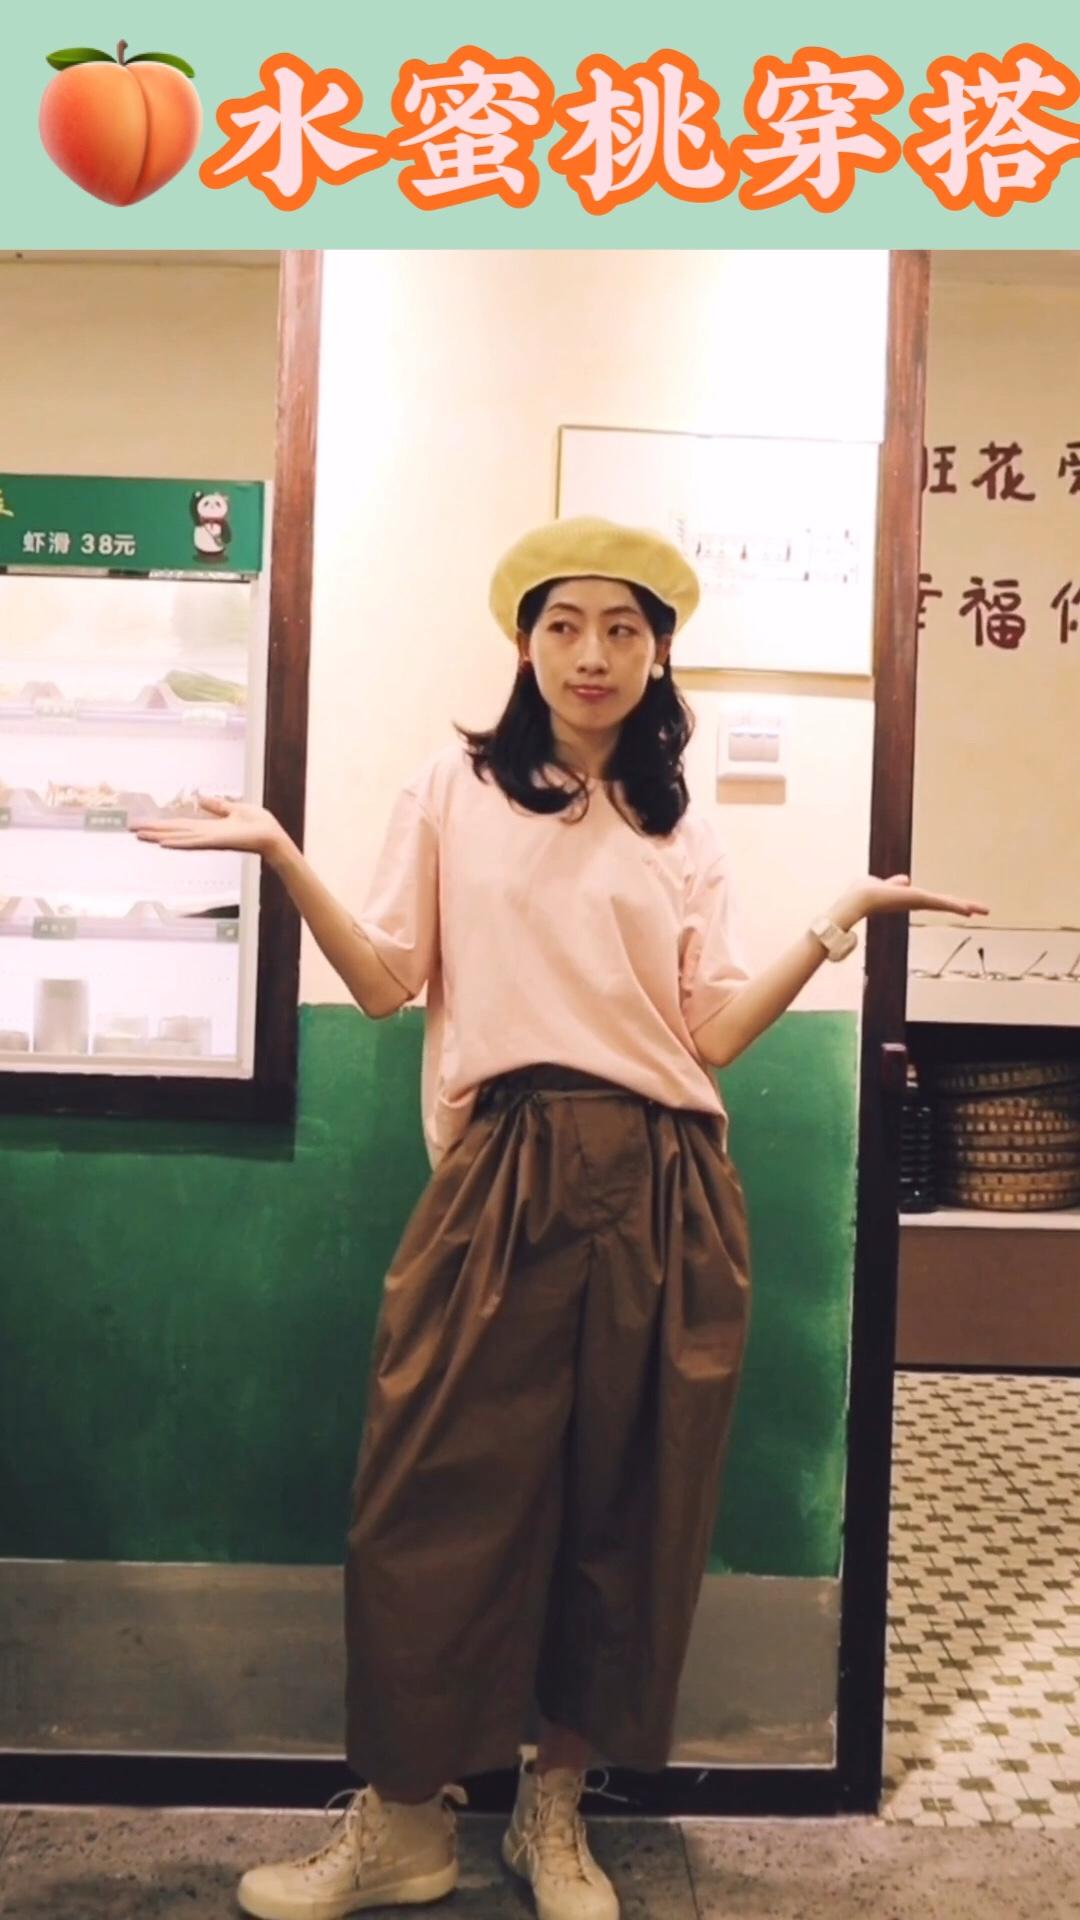 #想被街拍?最上镜穿搭学起来!# 超夏天的水蜜桃🍑穿搭  粉色上衣配咖色裤子很和谐 袜子🧦也用粉色做个呼应 搭配米白帆布鞋,整体年轻玩味 为了加强造型感,帽子是我的小心机 黄色编织感贝雷帽,真的太夏天了